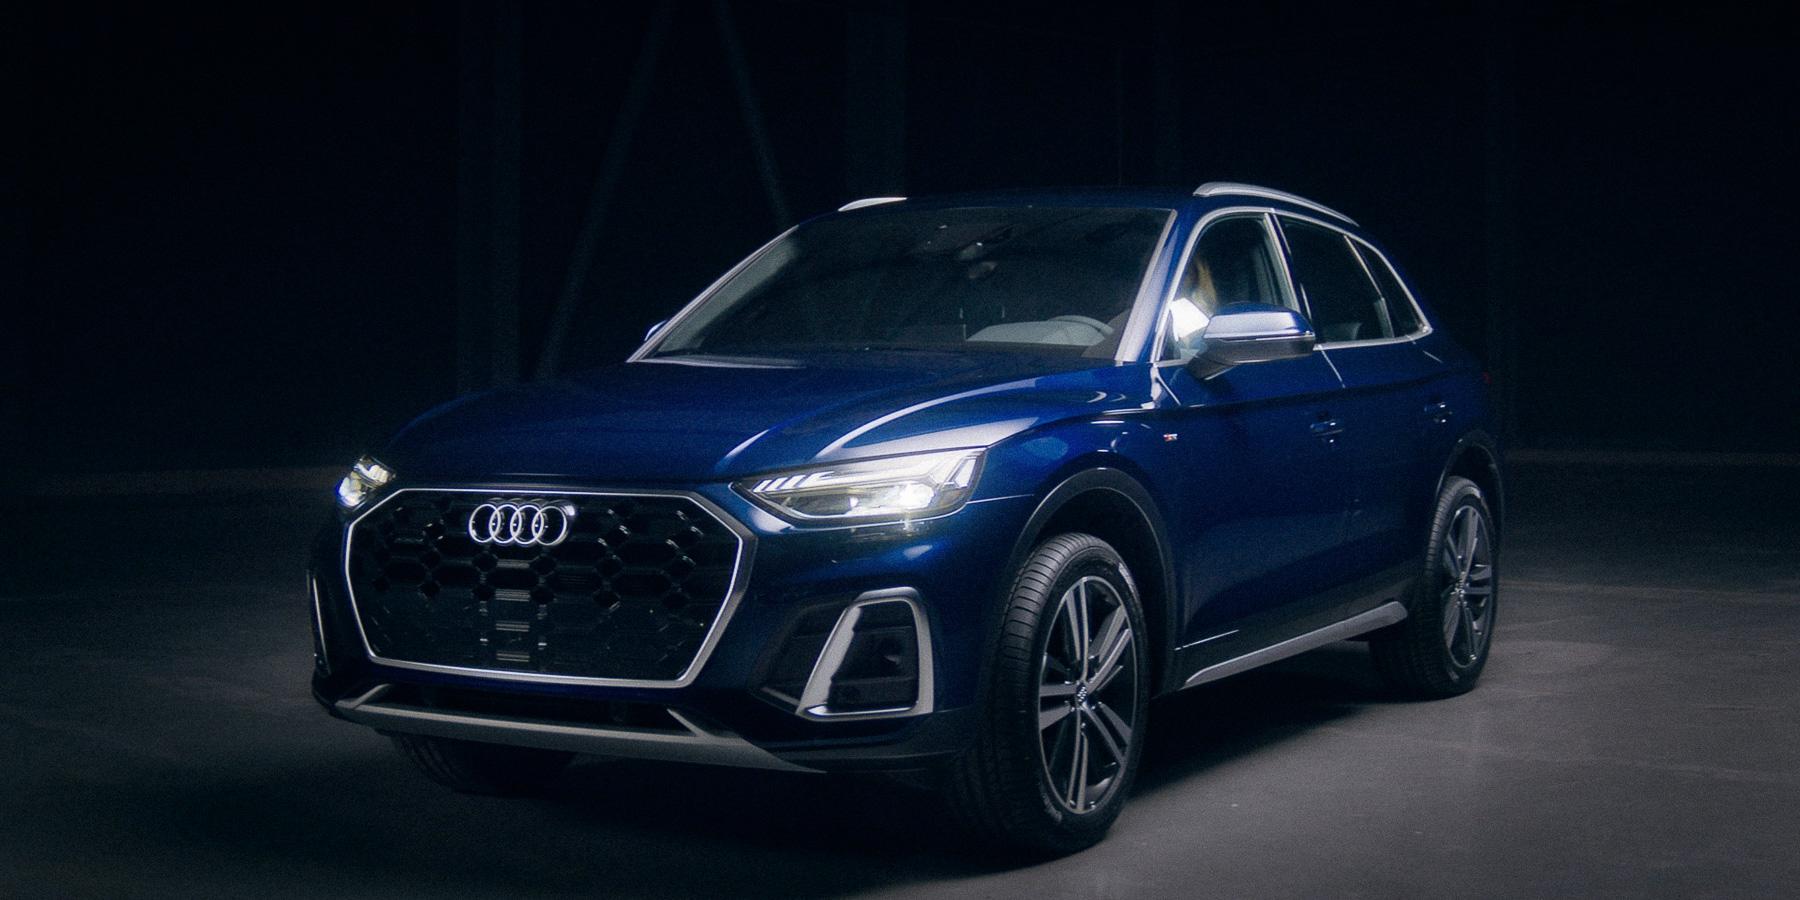 Audi Q5 – Perfect match